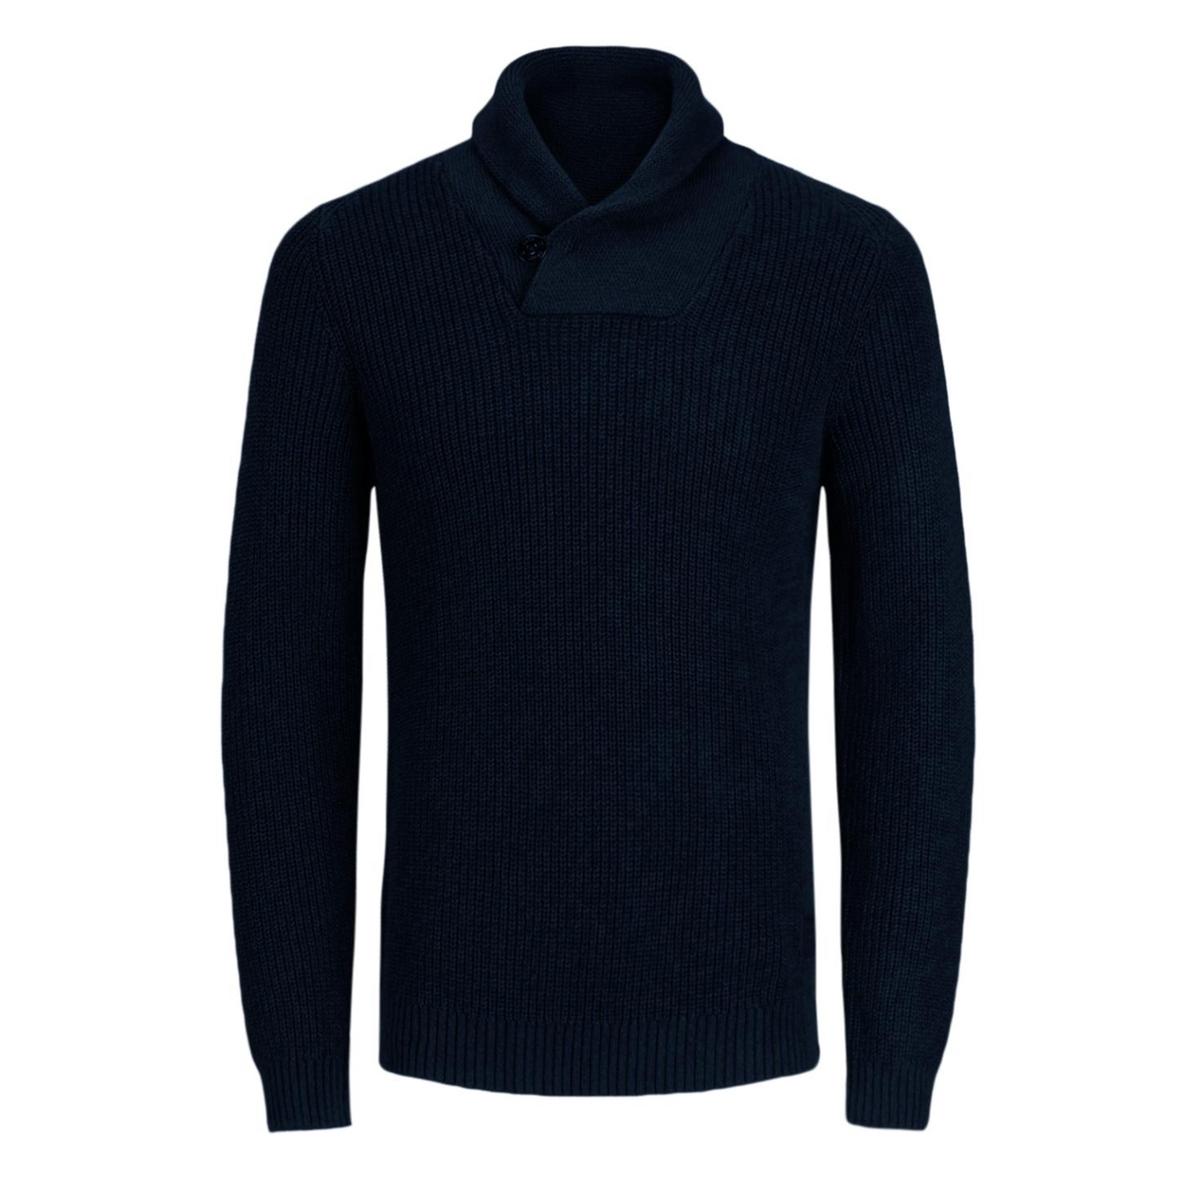 Пуловер с шалевым воротником, из тонкого трикотажа JACK & JONES